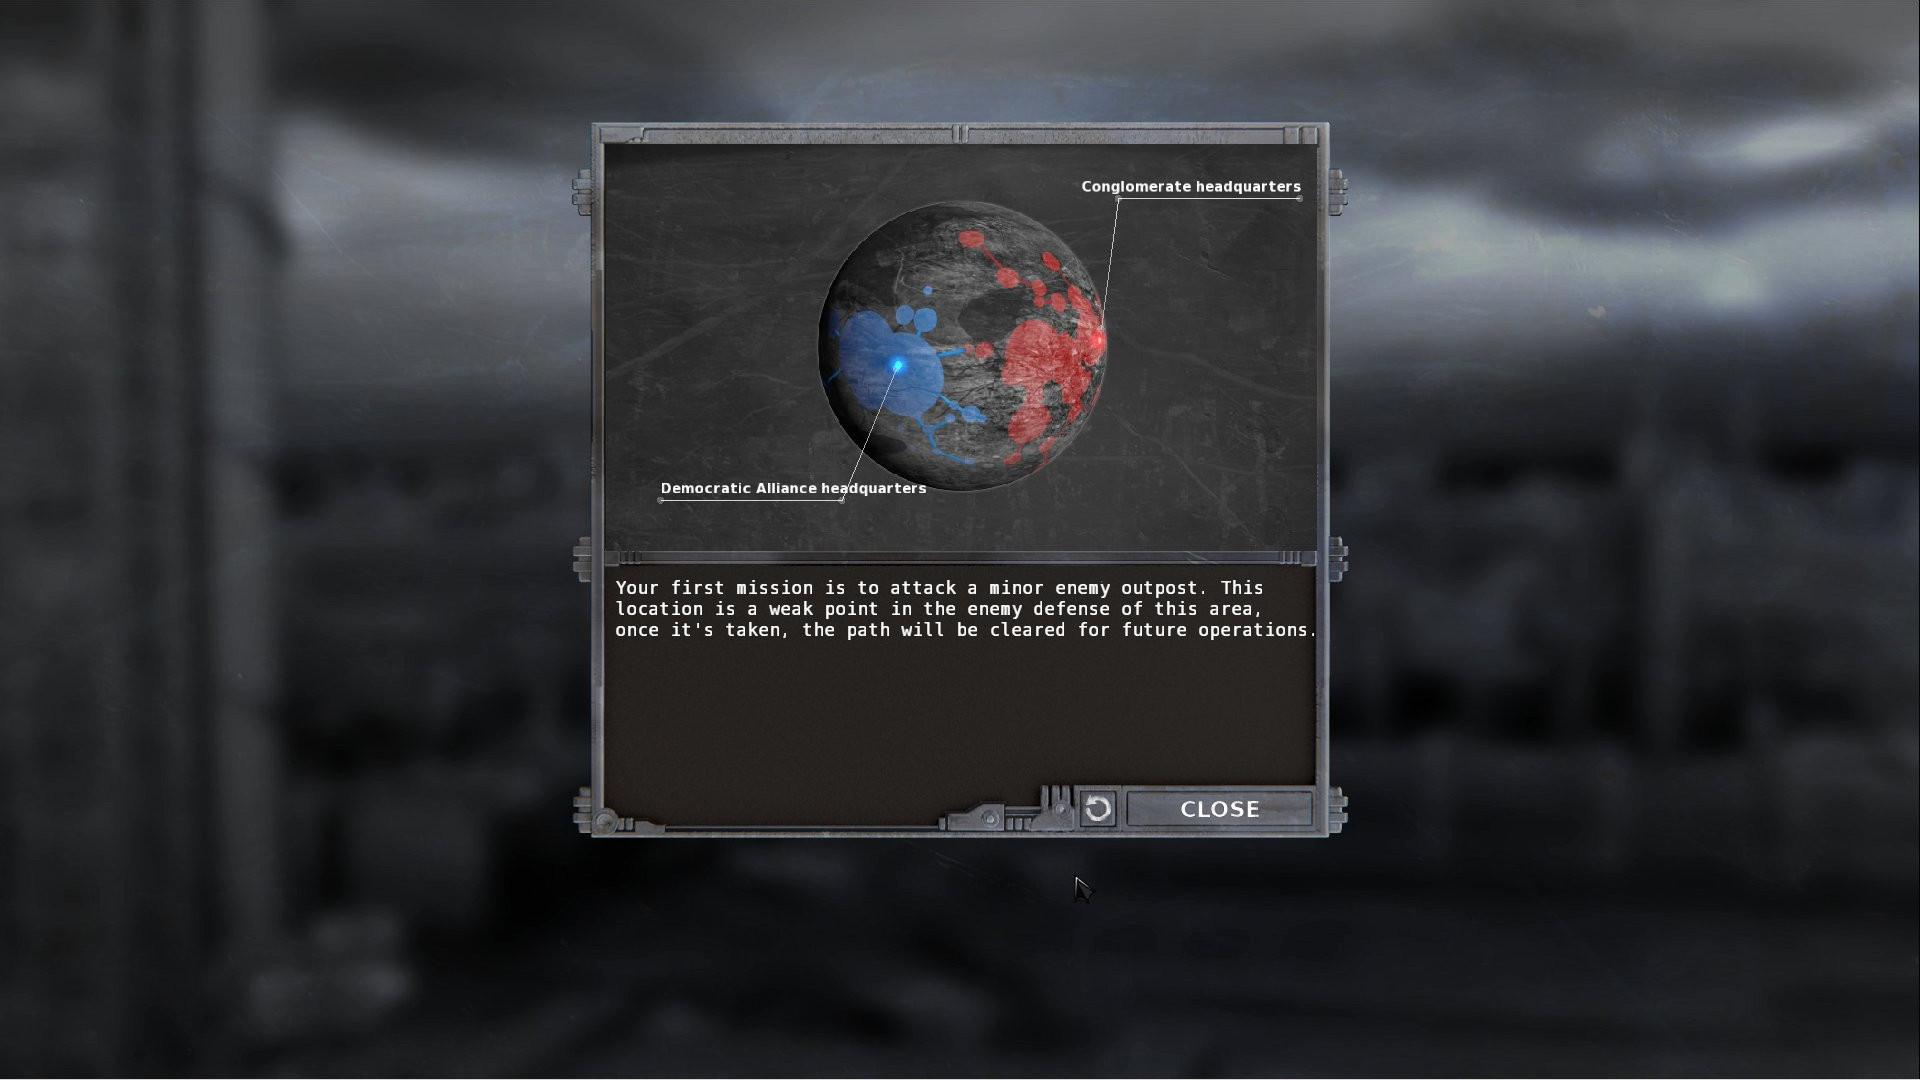 mission brief